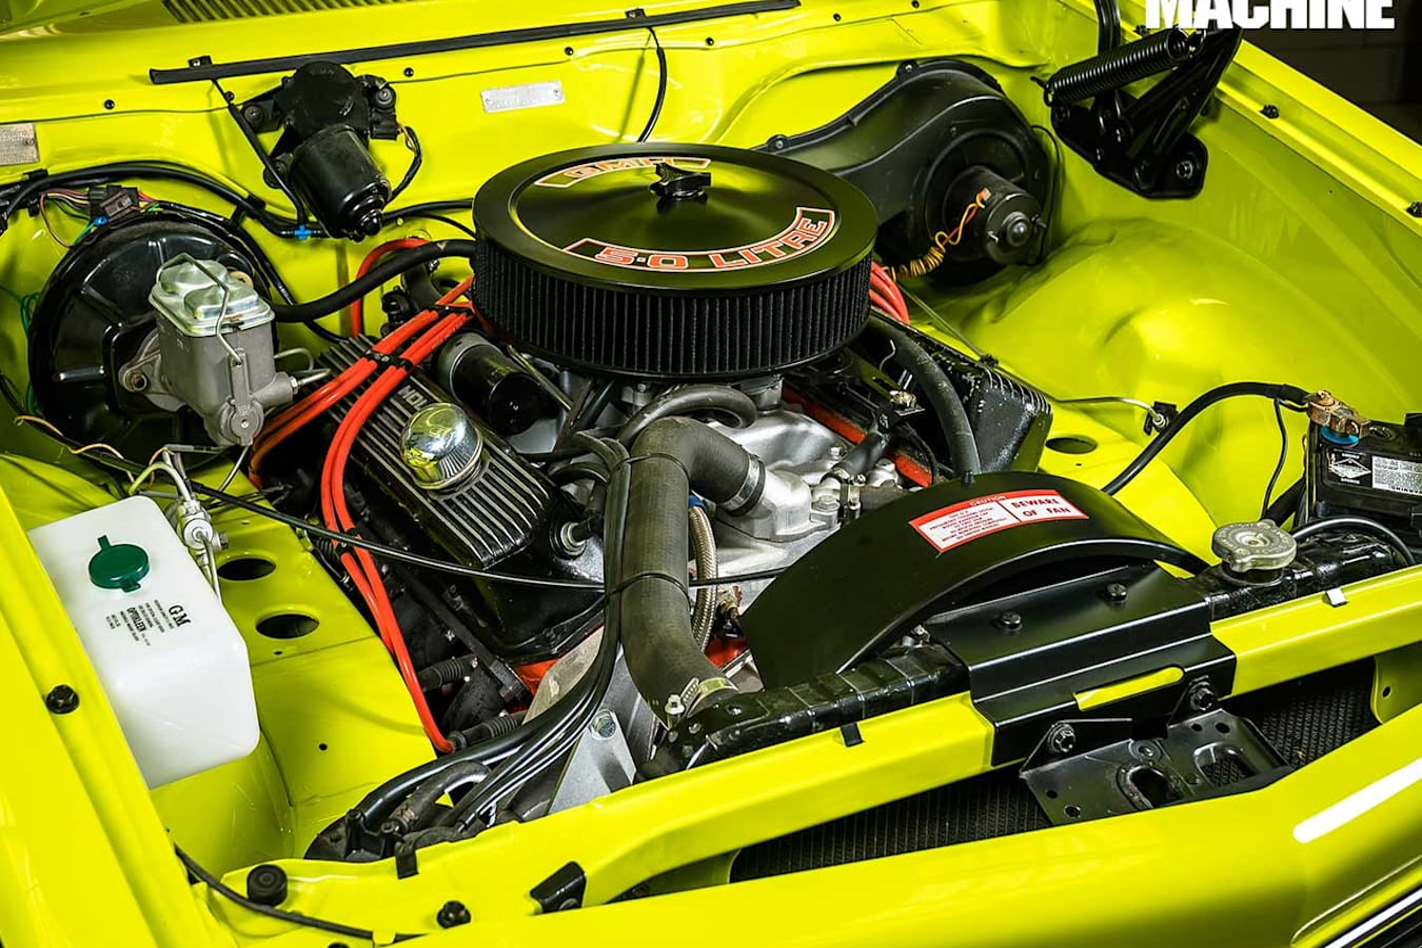 Holden LH Torana engine bay